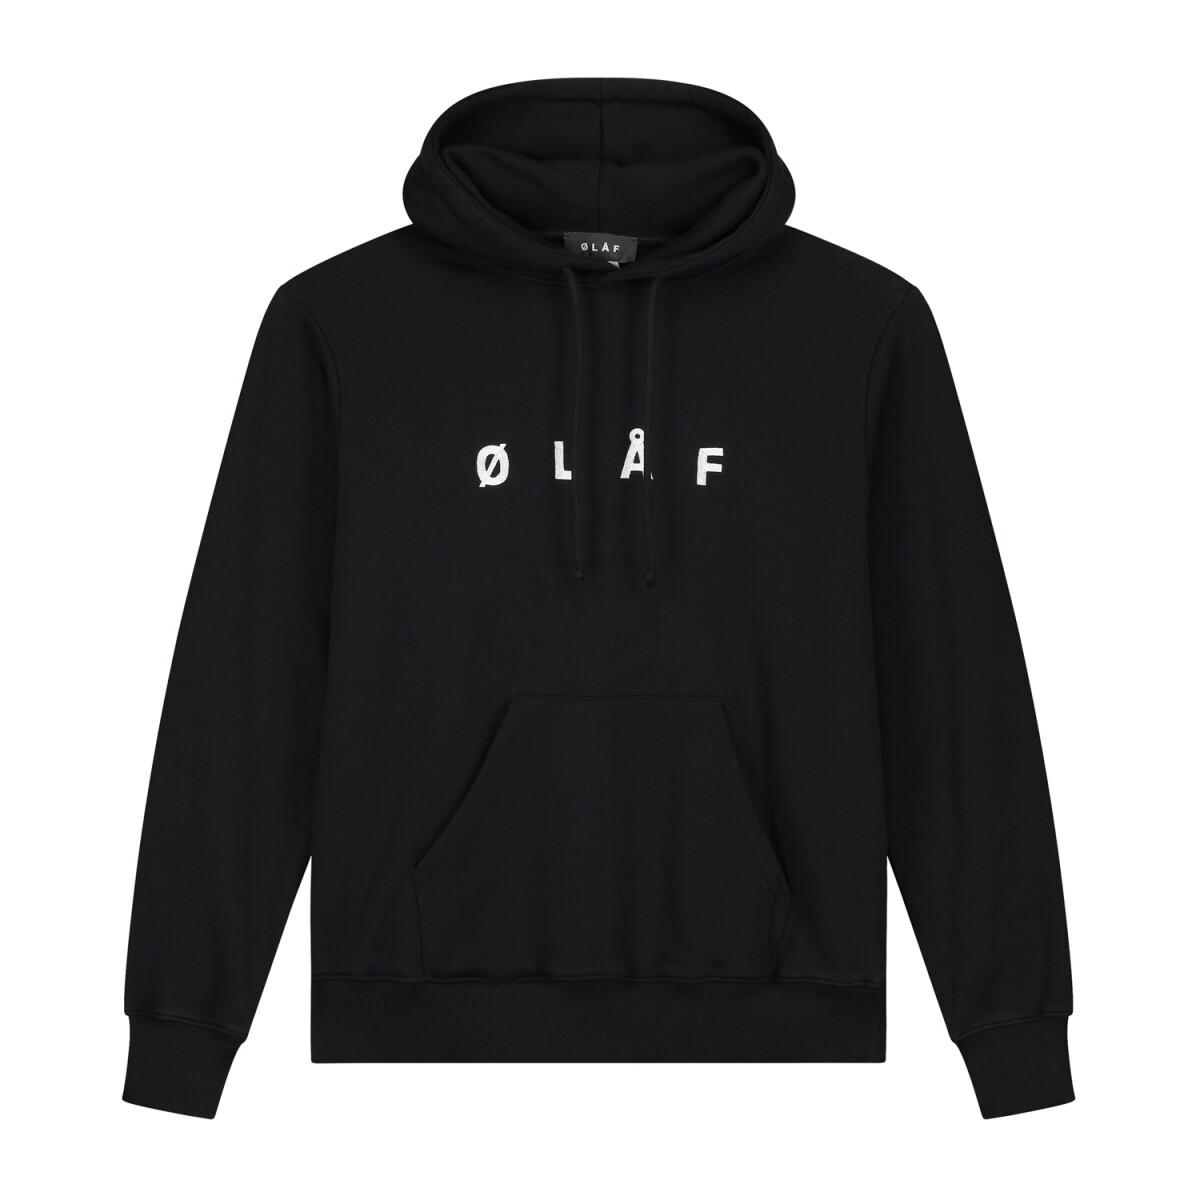 Olaf | Hoody | Chainstitch Hoody zwart